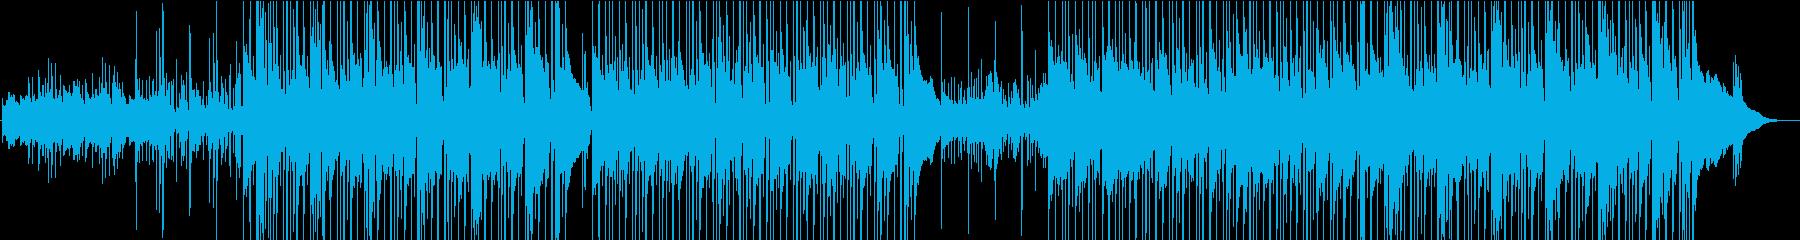 のんびりウクレレのハワイアン楽曲 の再生済みの波形